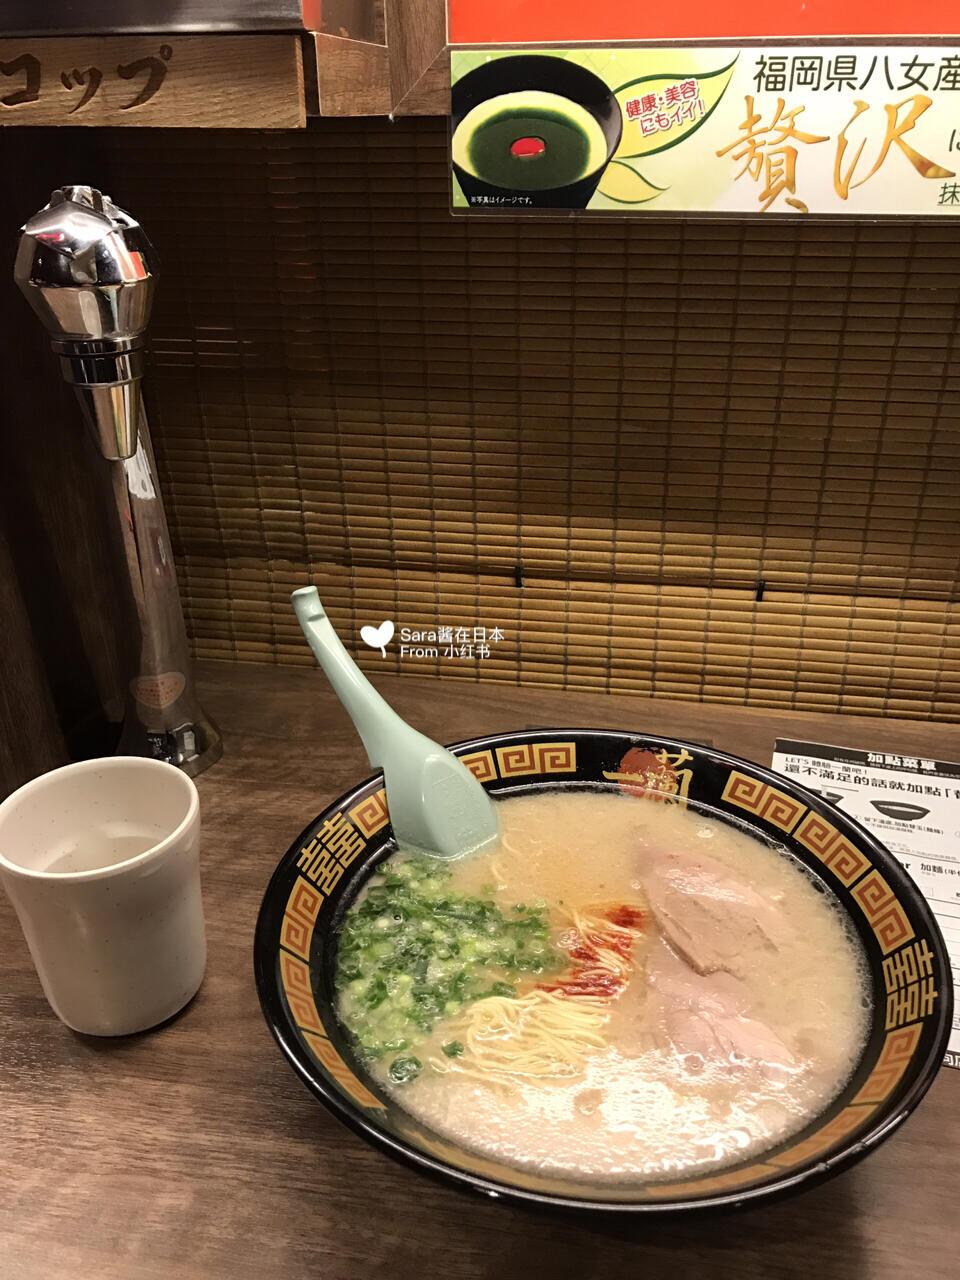 蘭 大阪 一 胡蝶蘭について